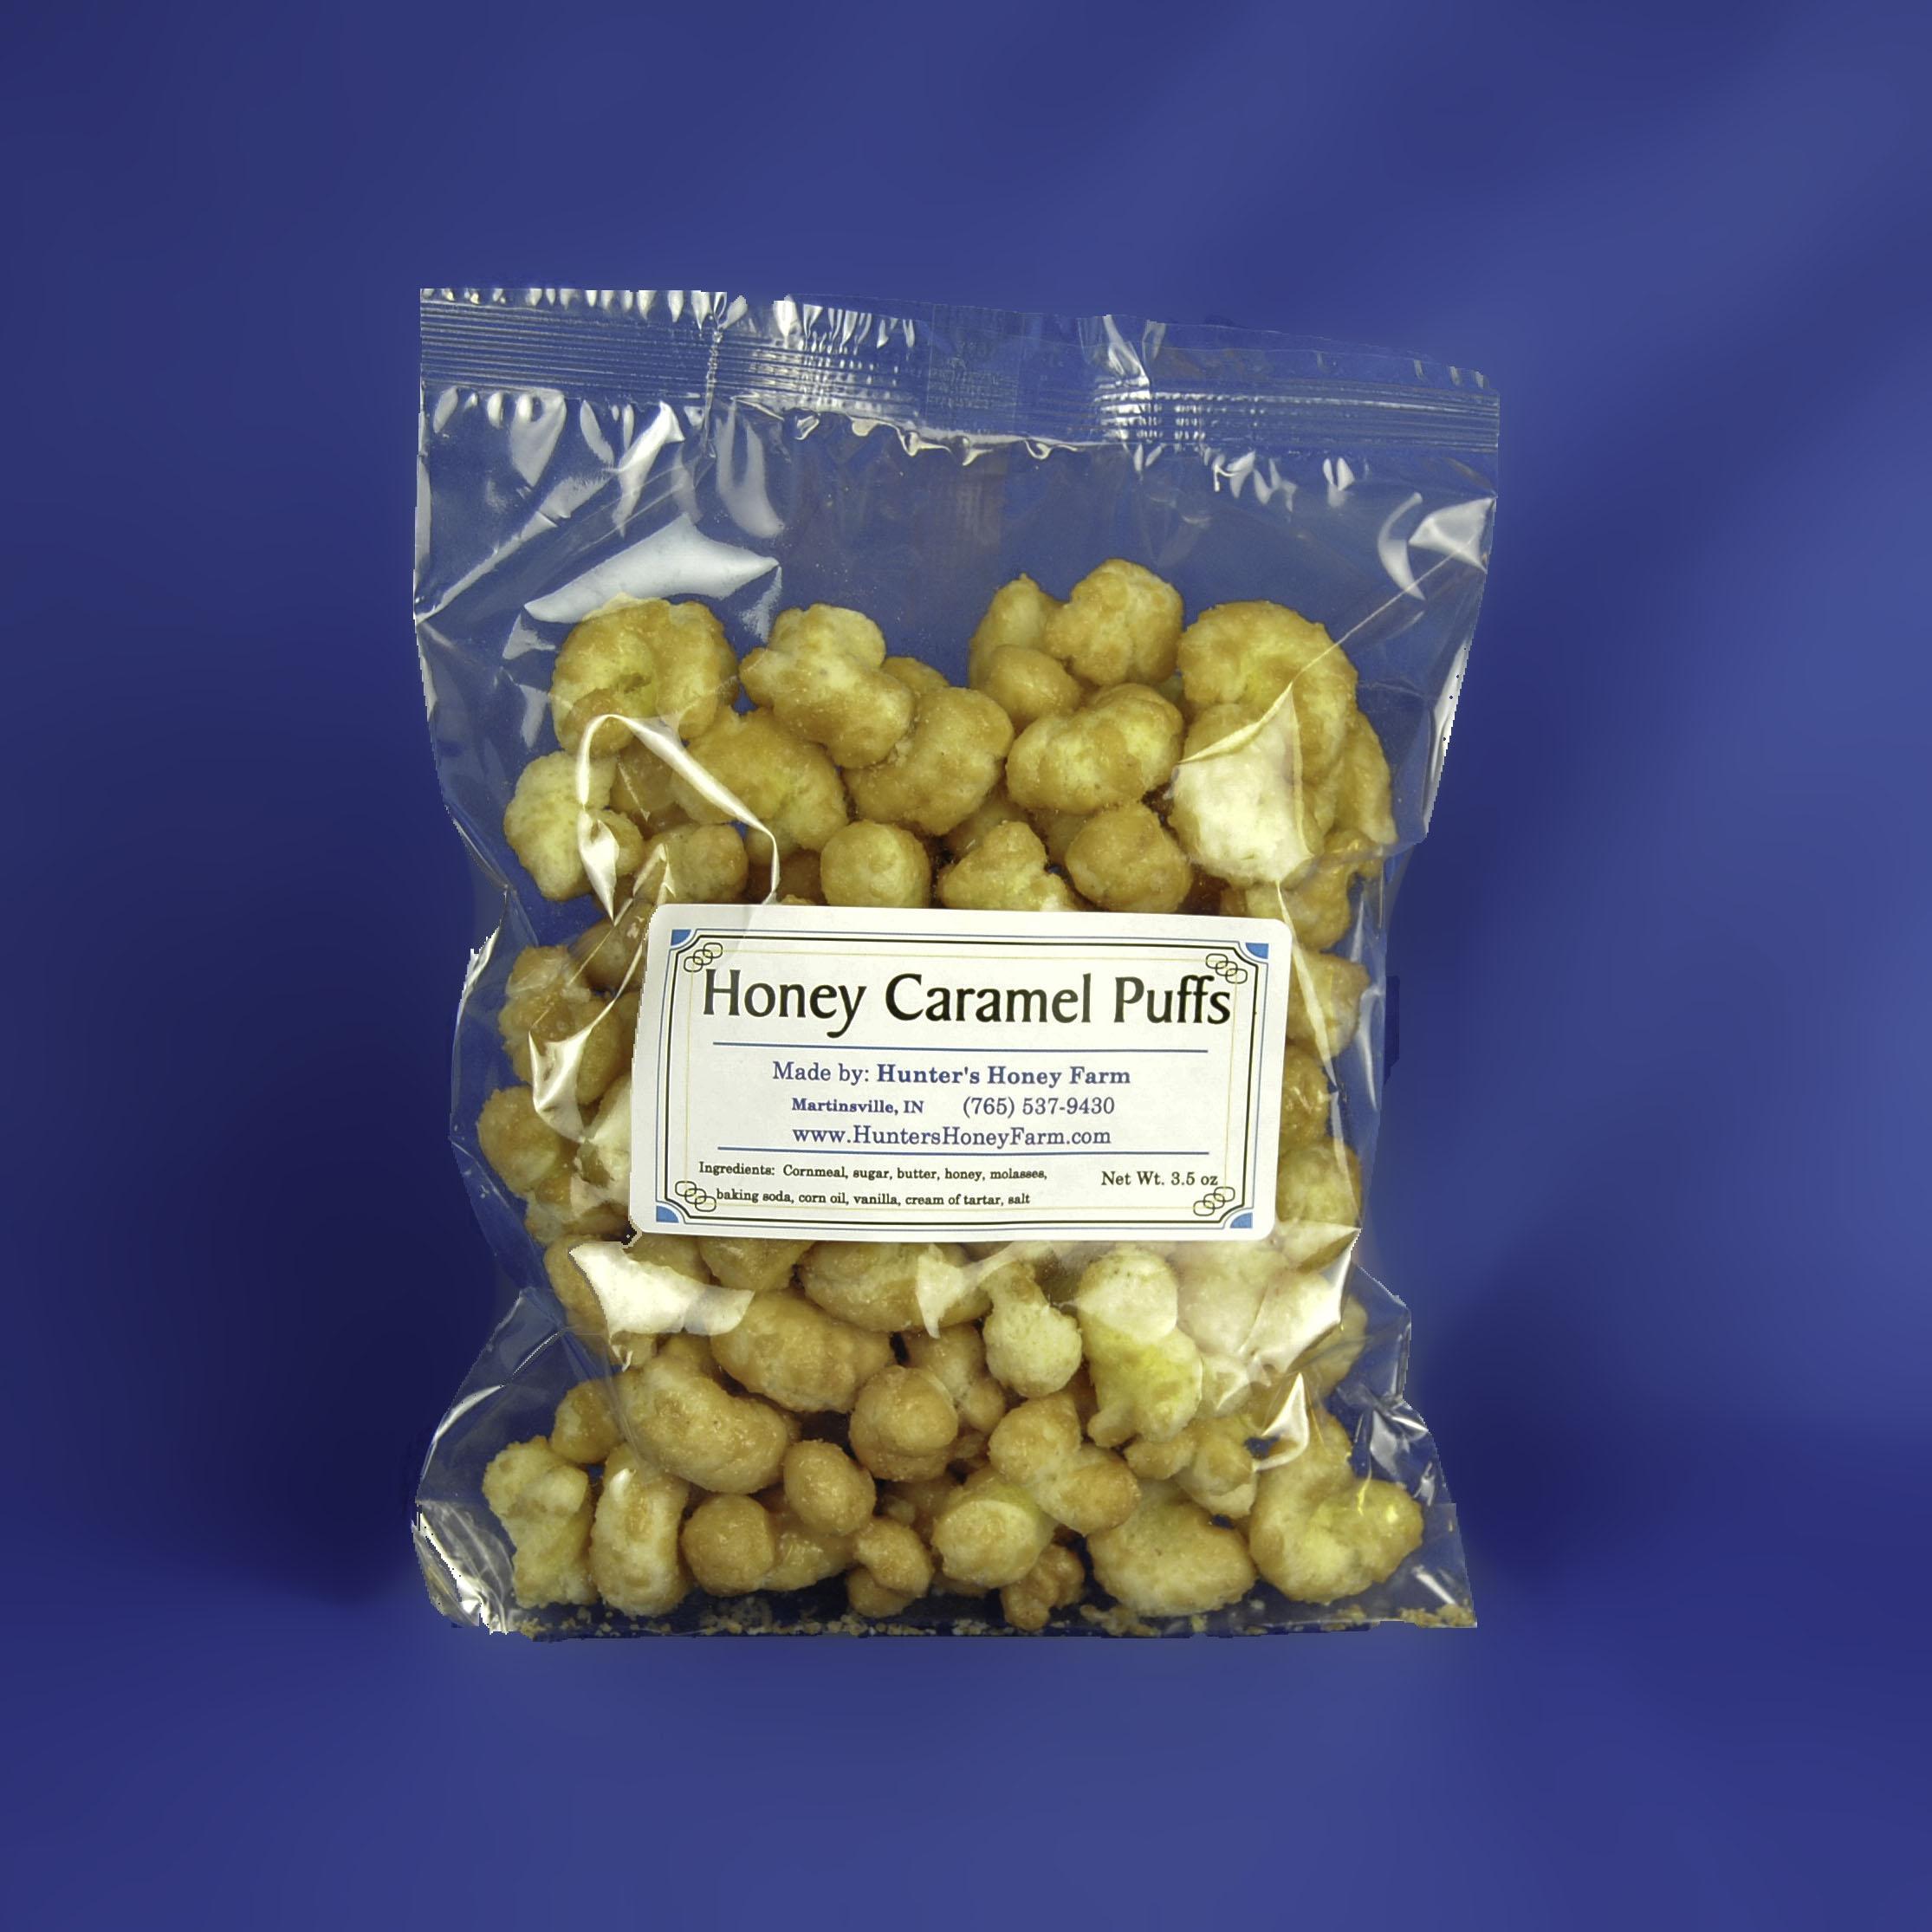 Honey Caramel Puffs